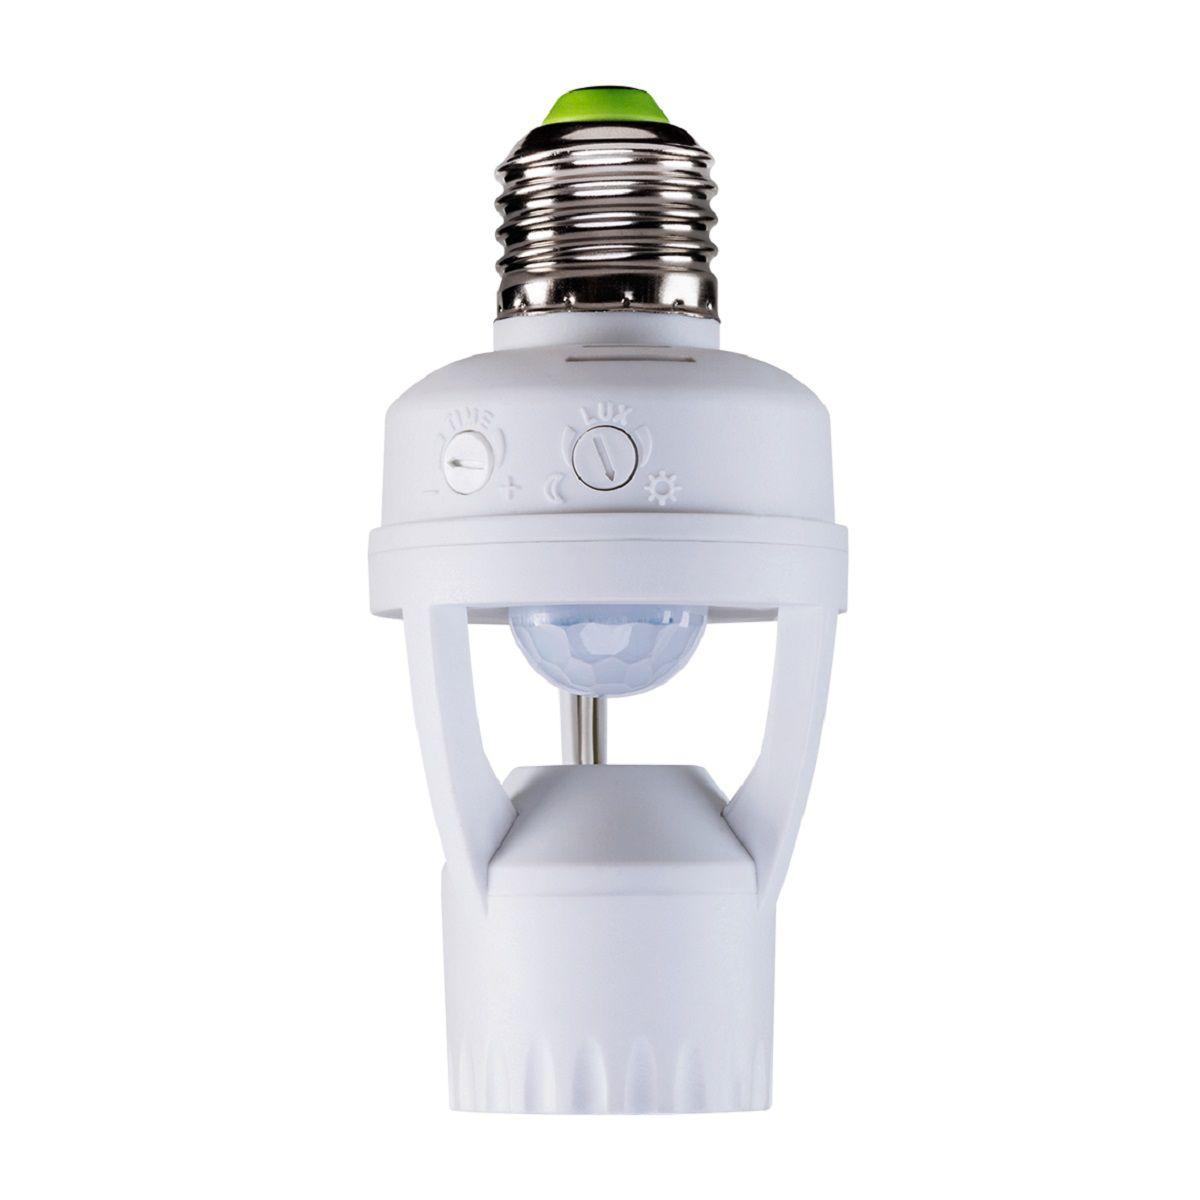 Sensor de Presença para Iluminação Intelbras ESP 360 S